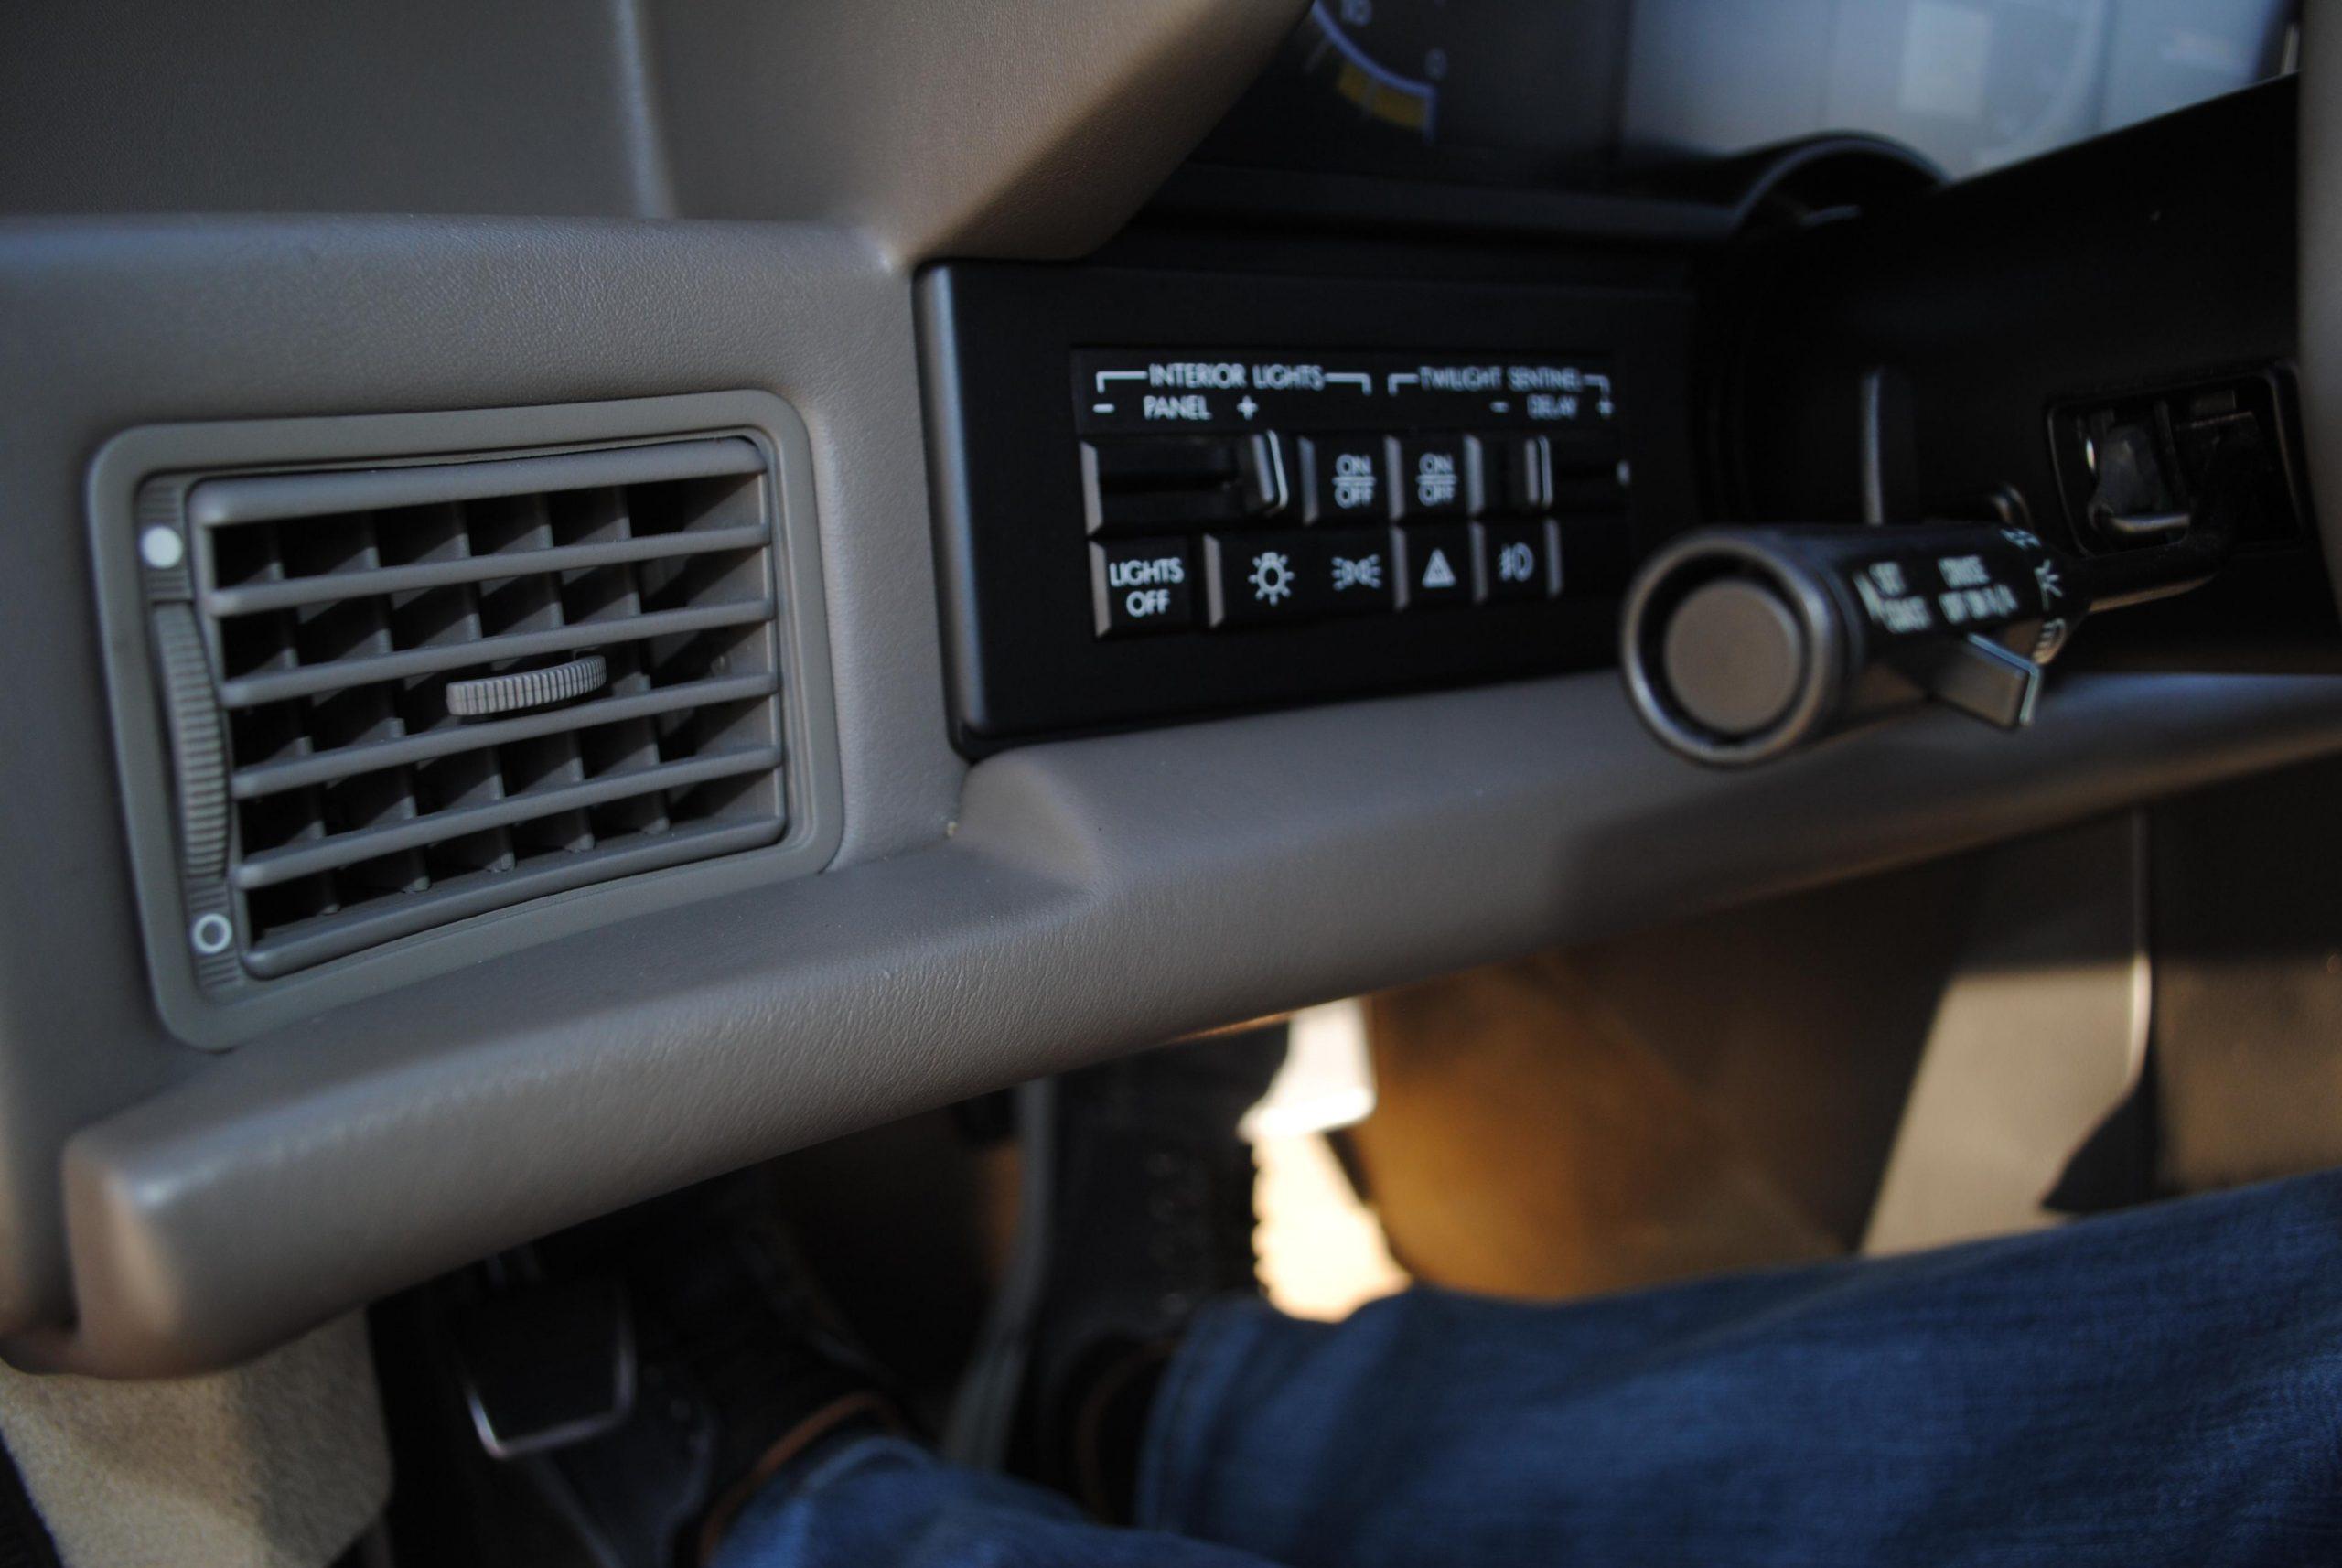 1993 Cadillac Allante light buttons